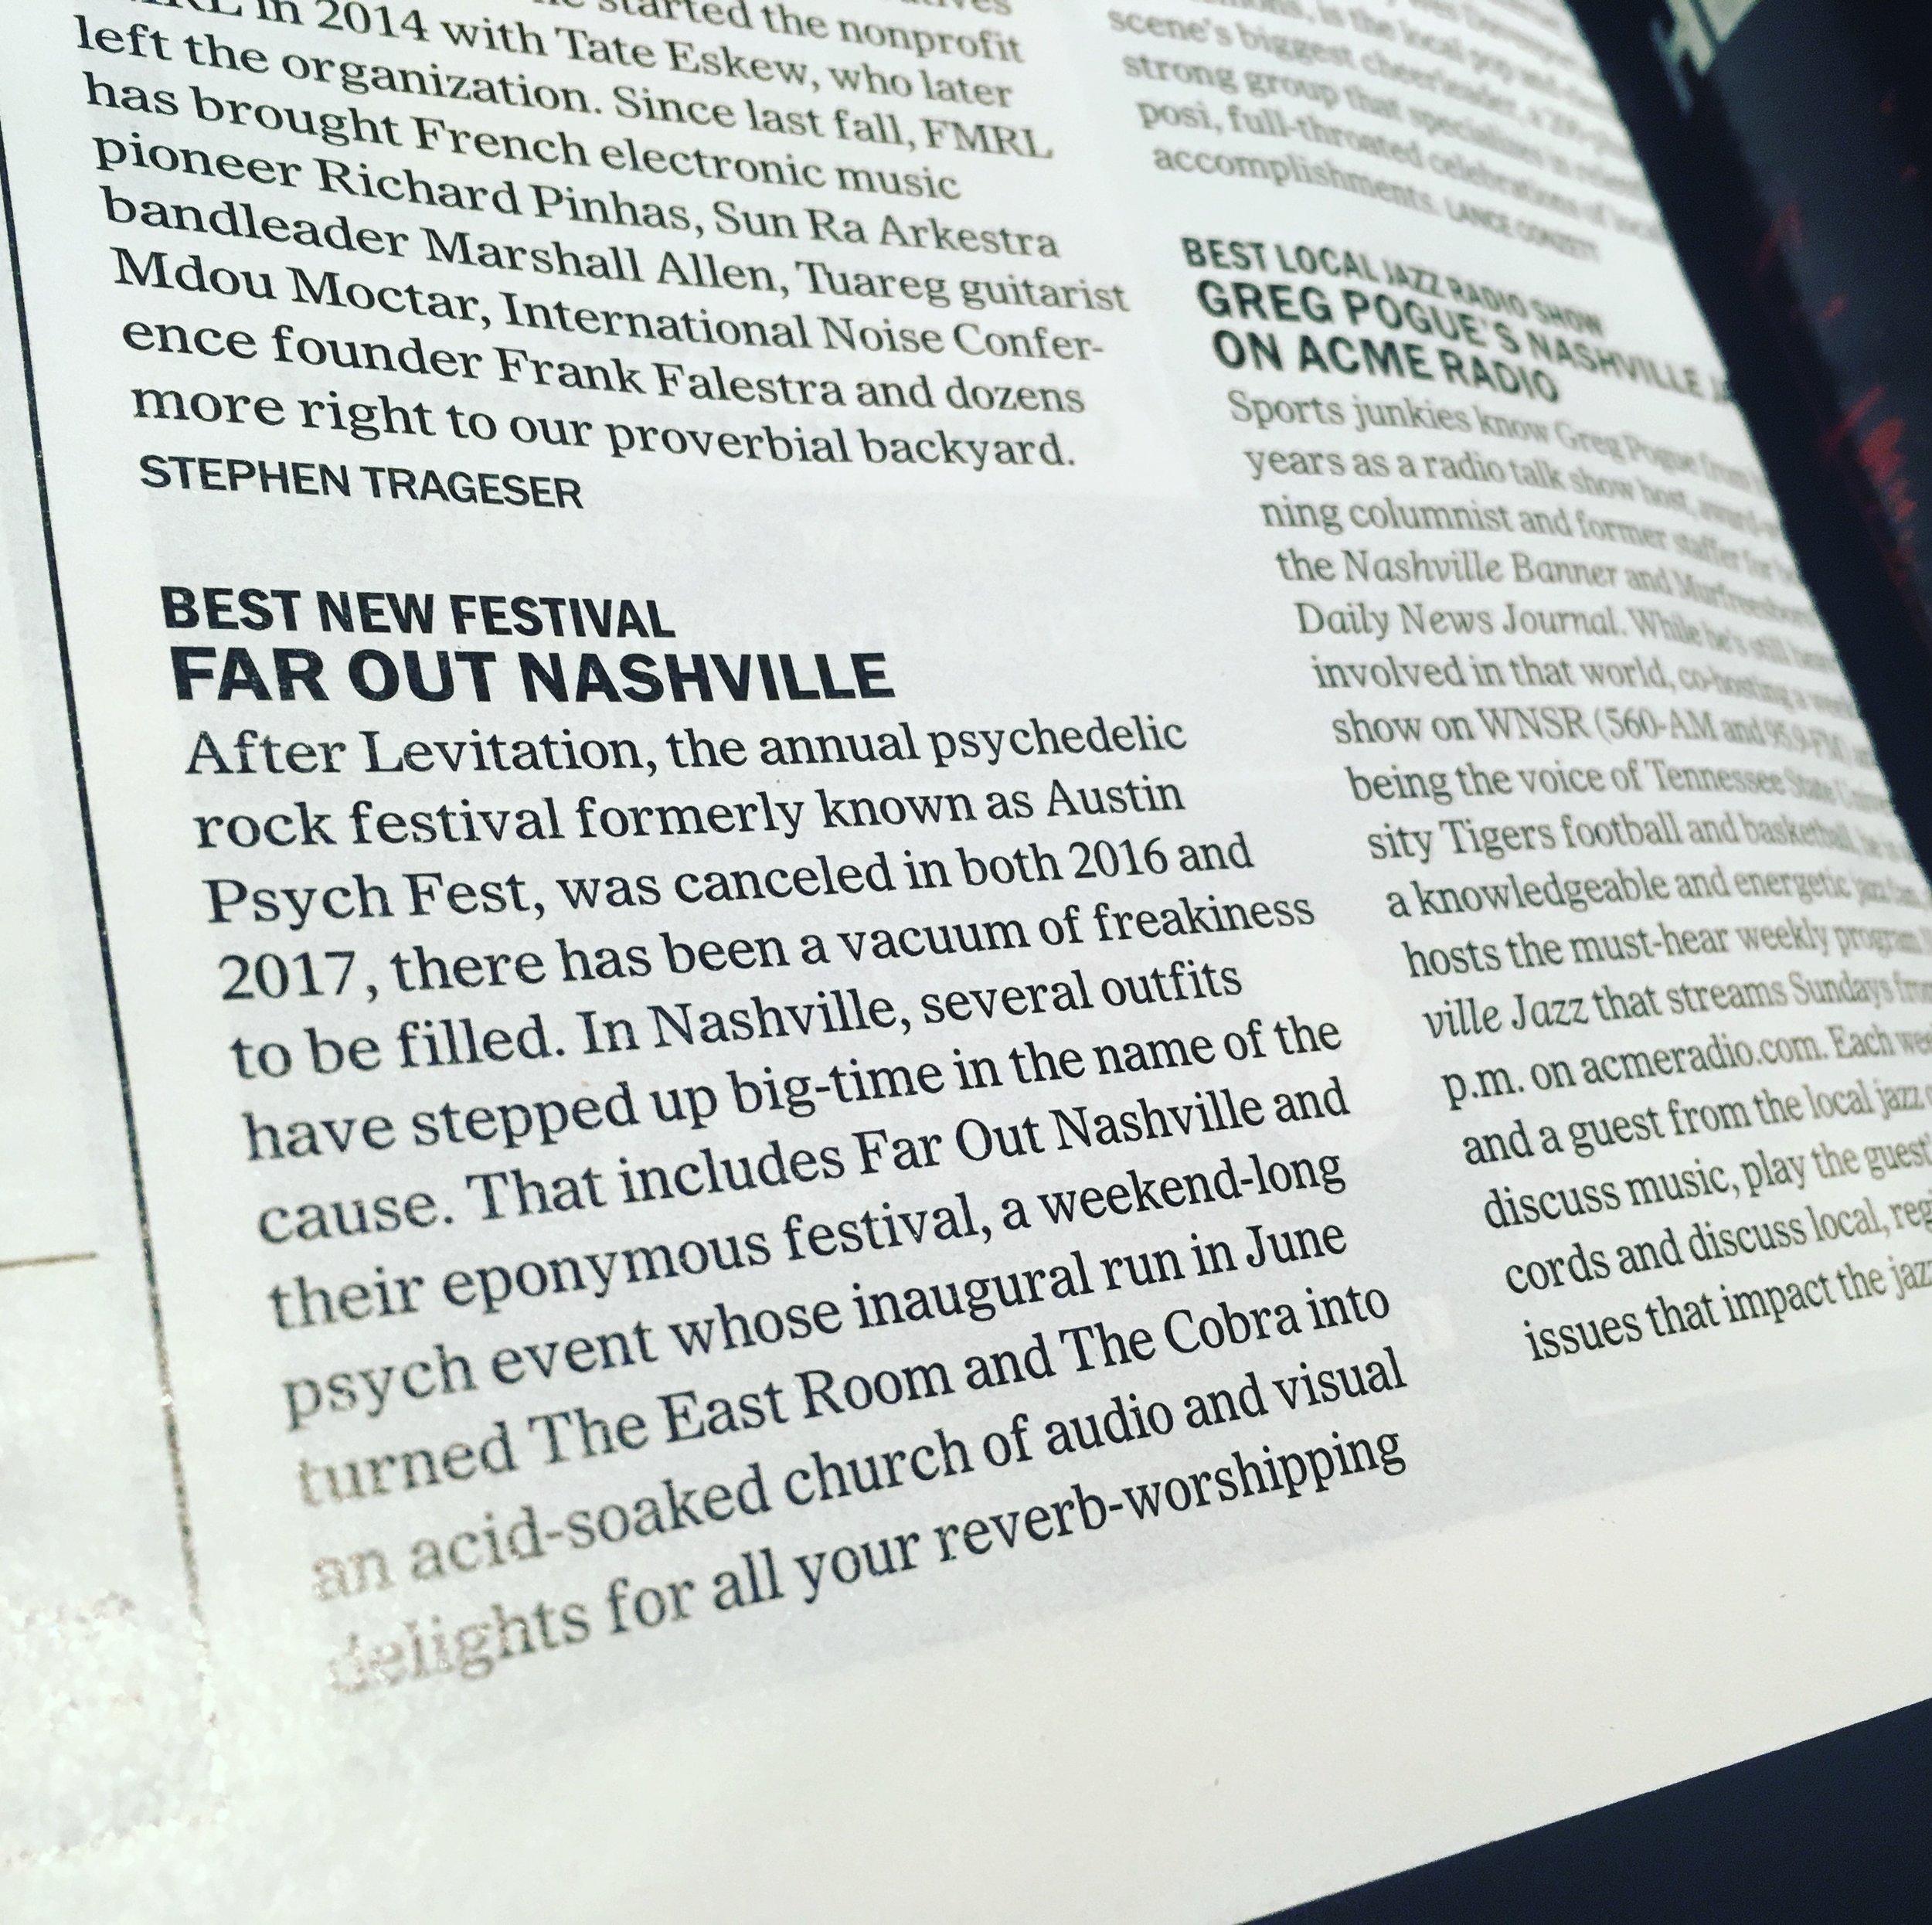 Far Out Nashville Best of Nashville winner 2017 Best New Festival